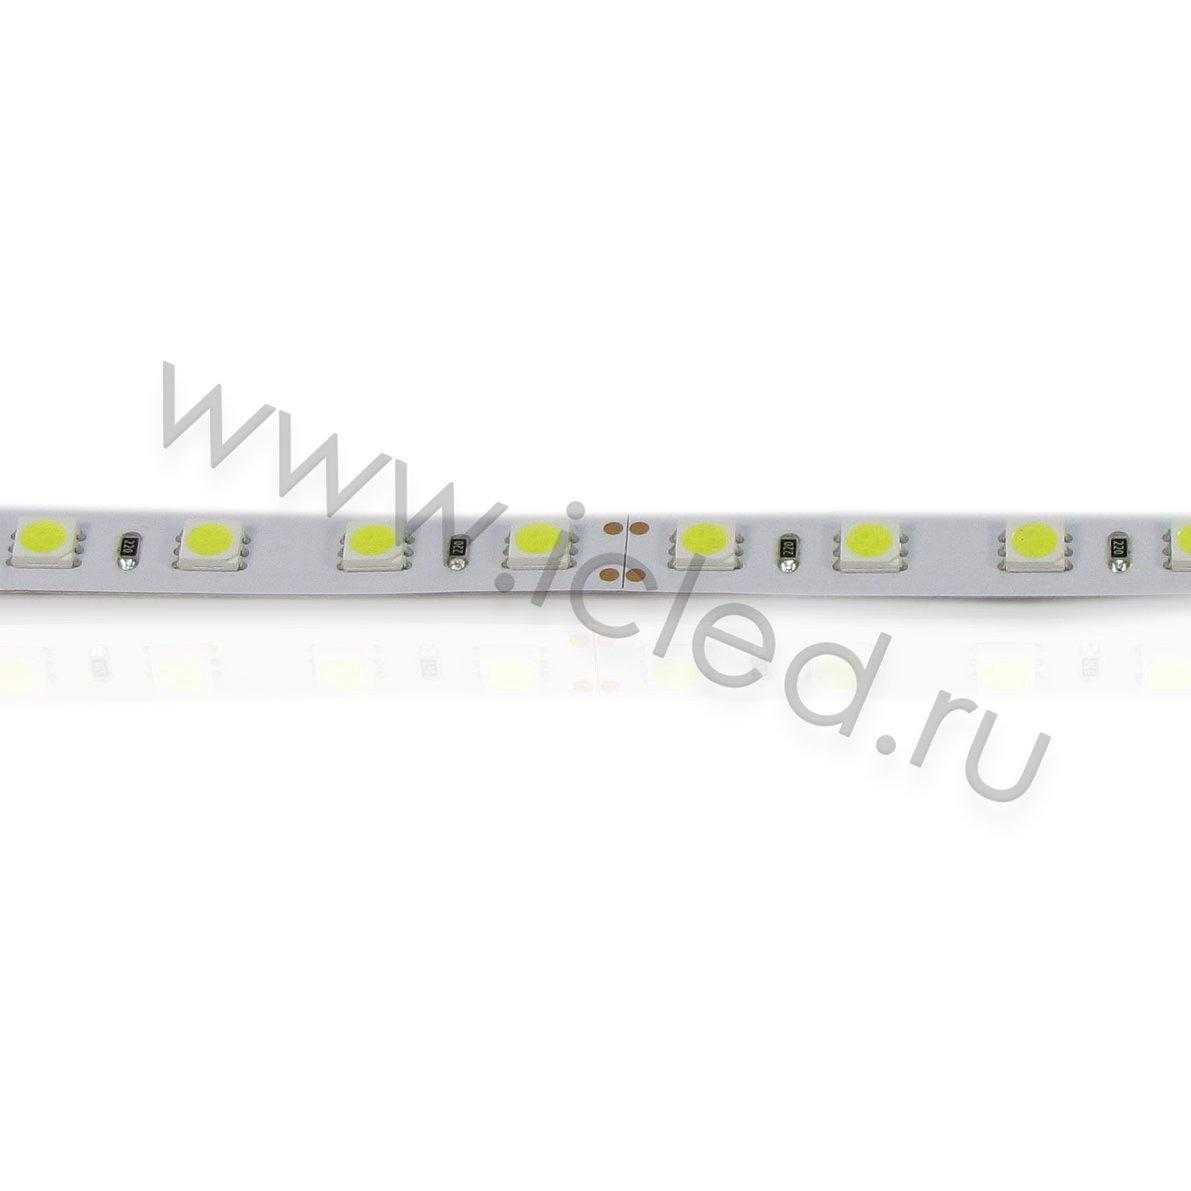 Светодиодная лента Class High, 5050, 72 led/m, White, 24V, IP33